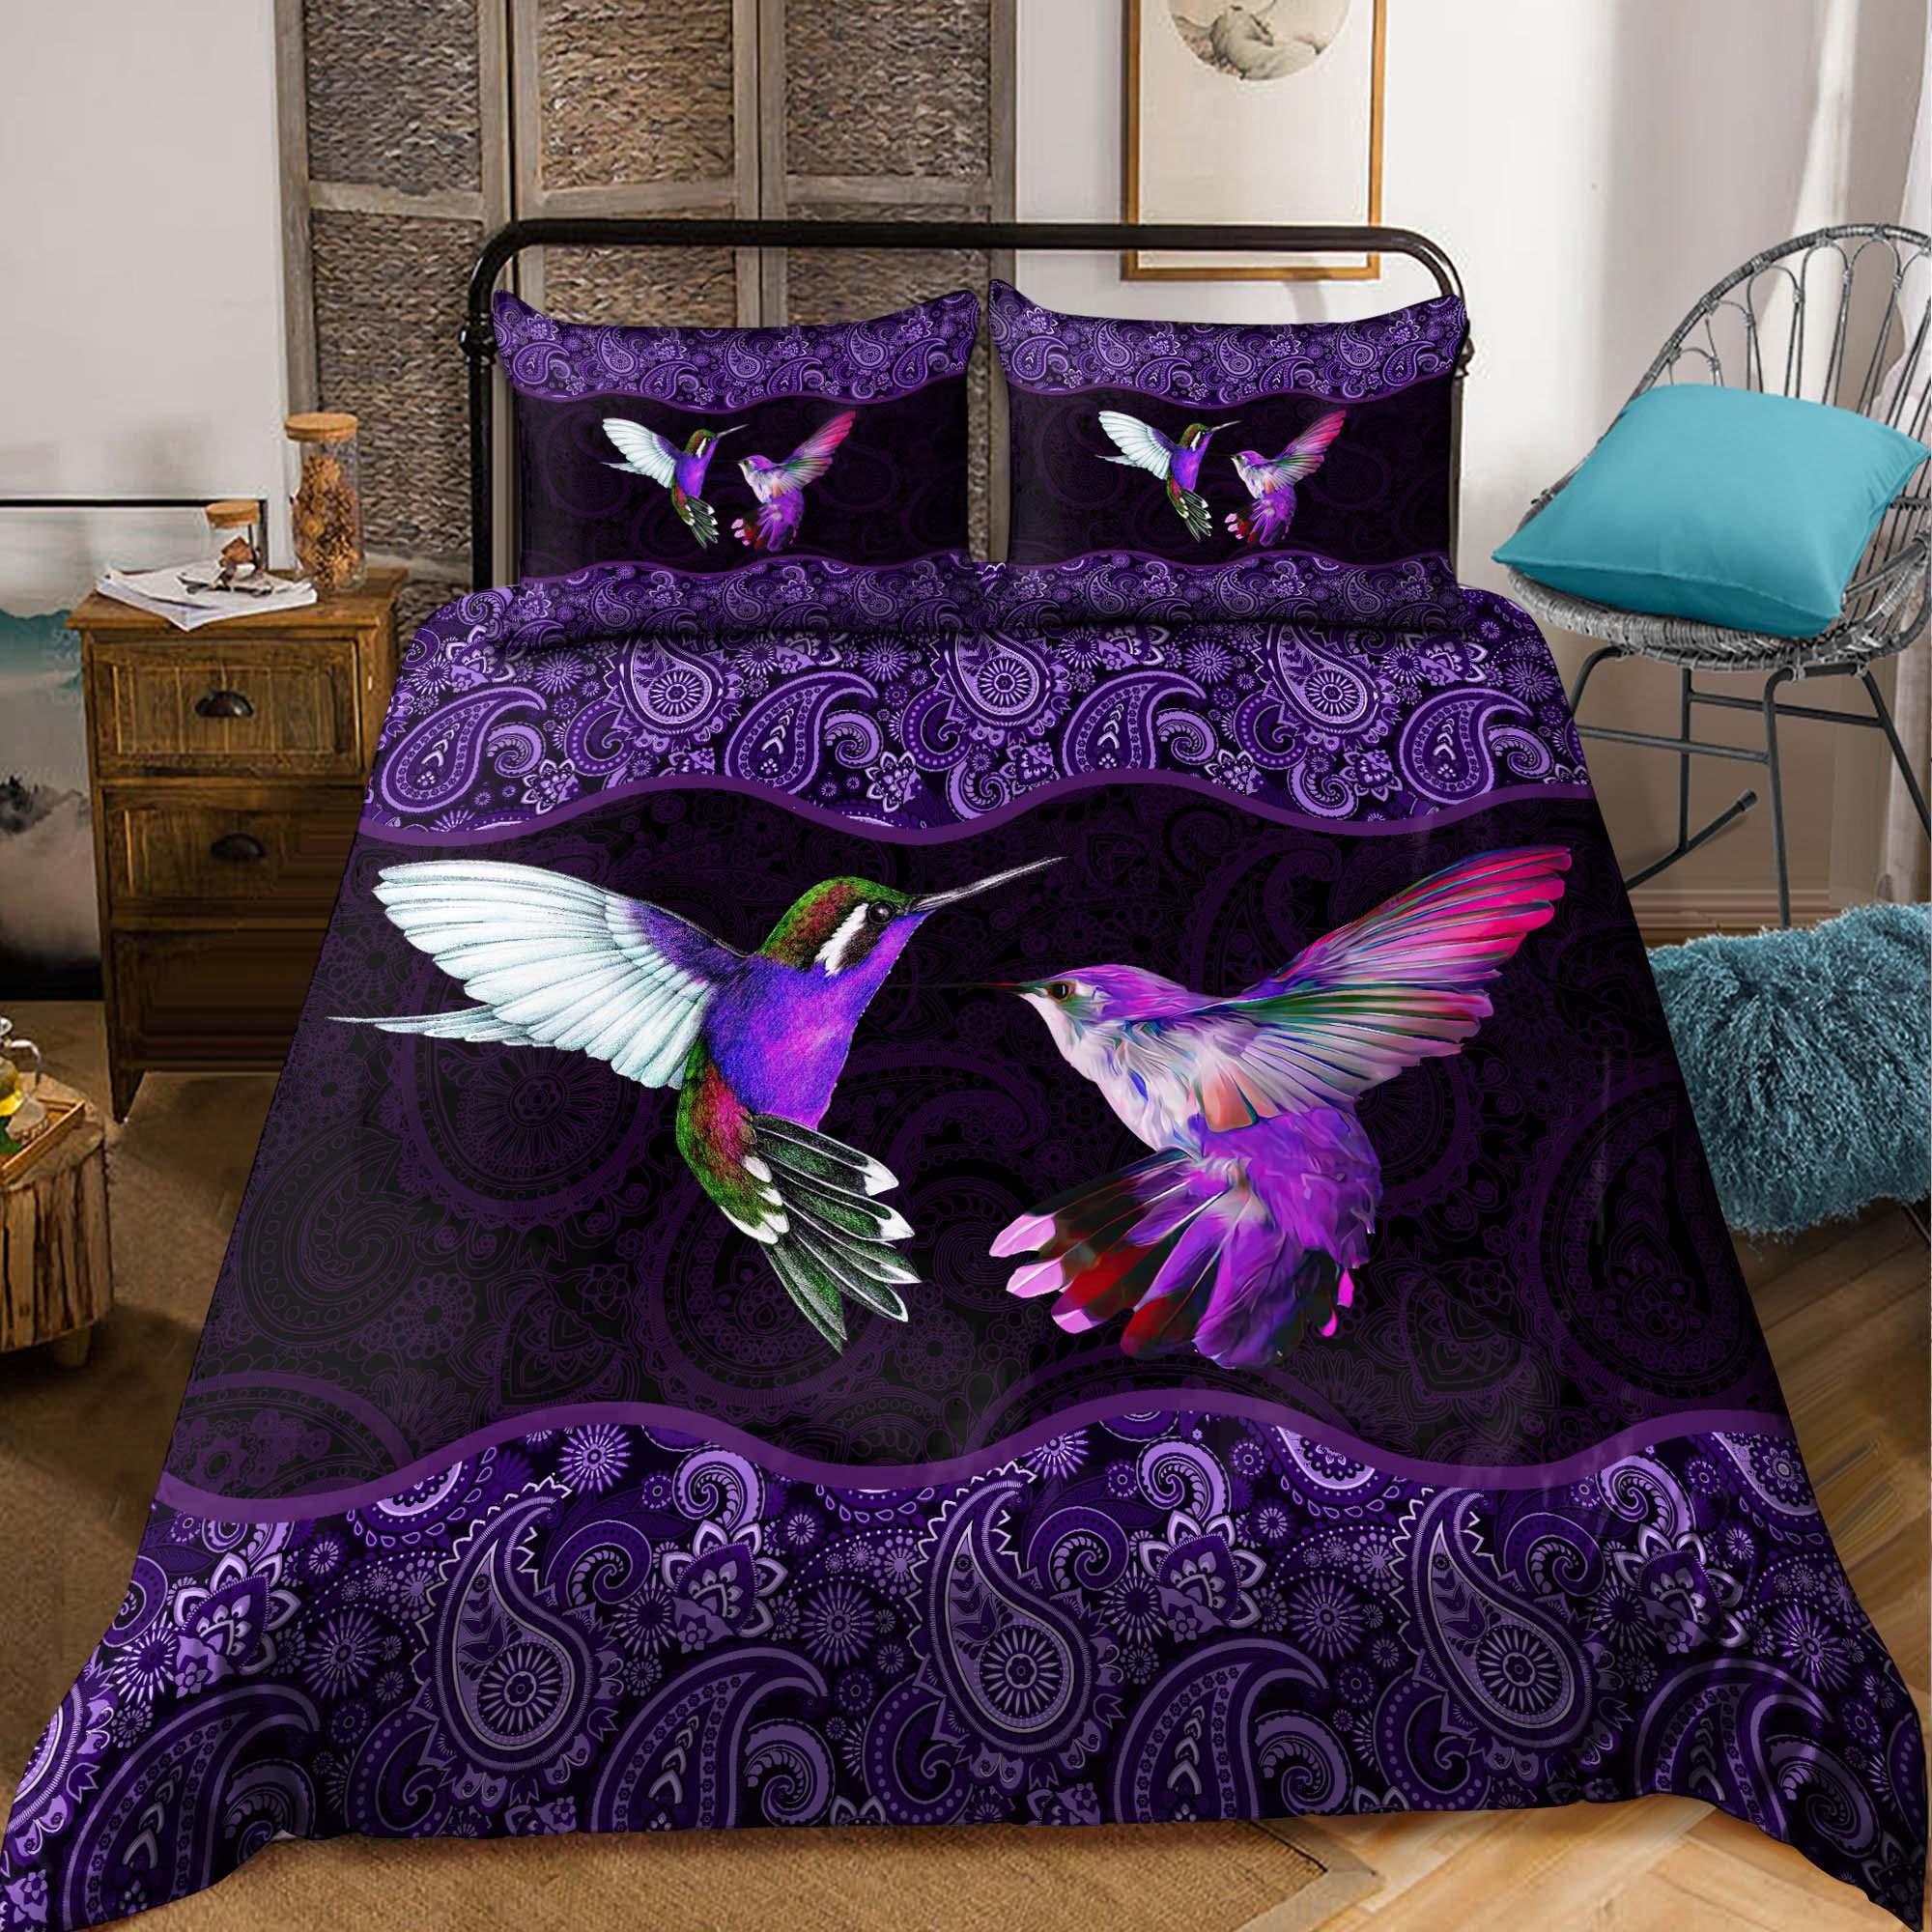 Choose your bedding set colour